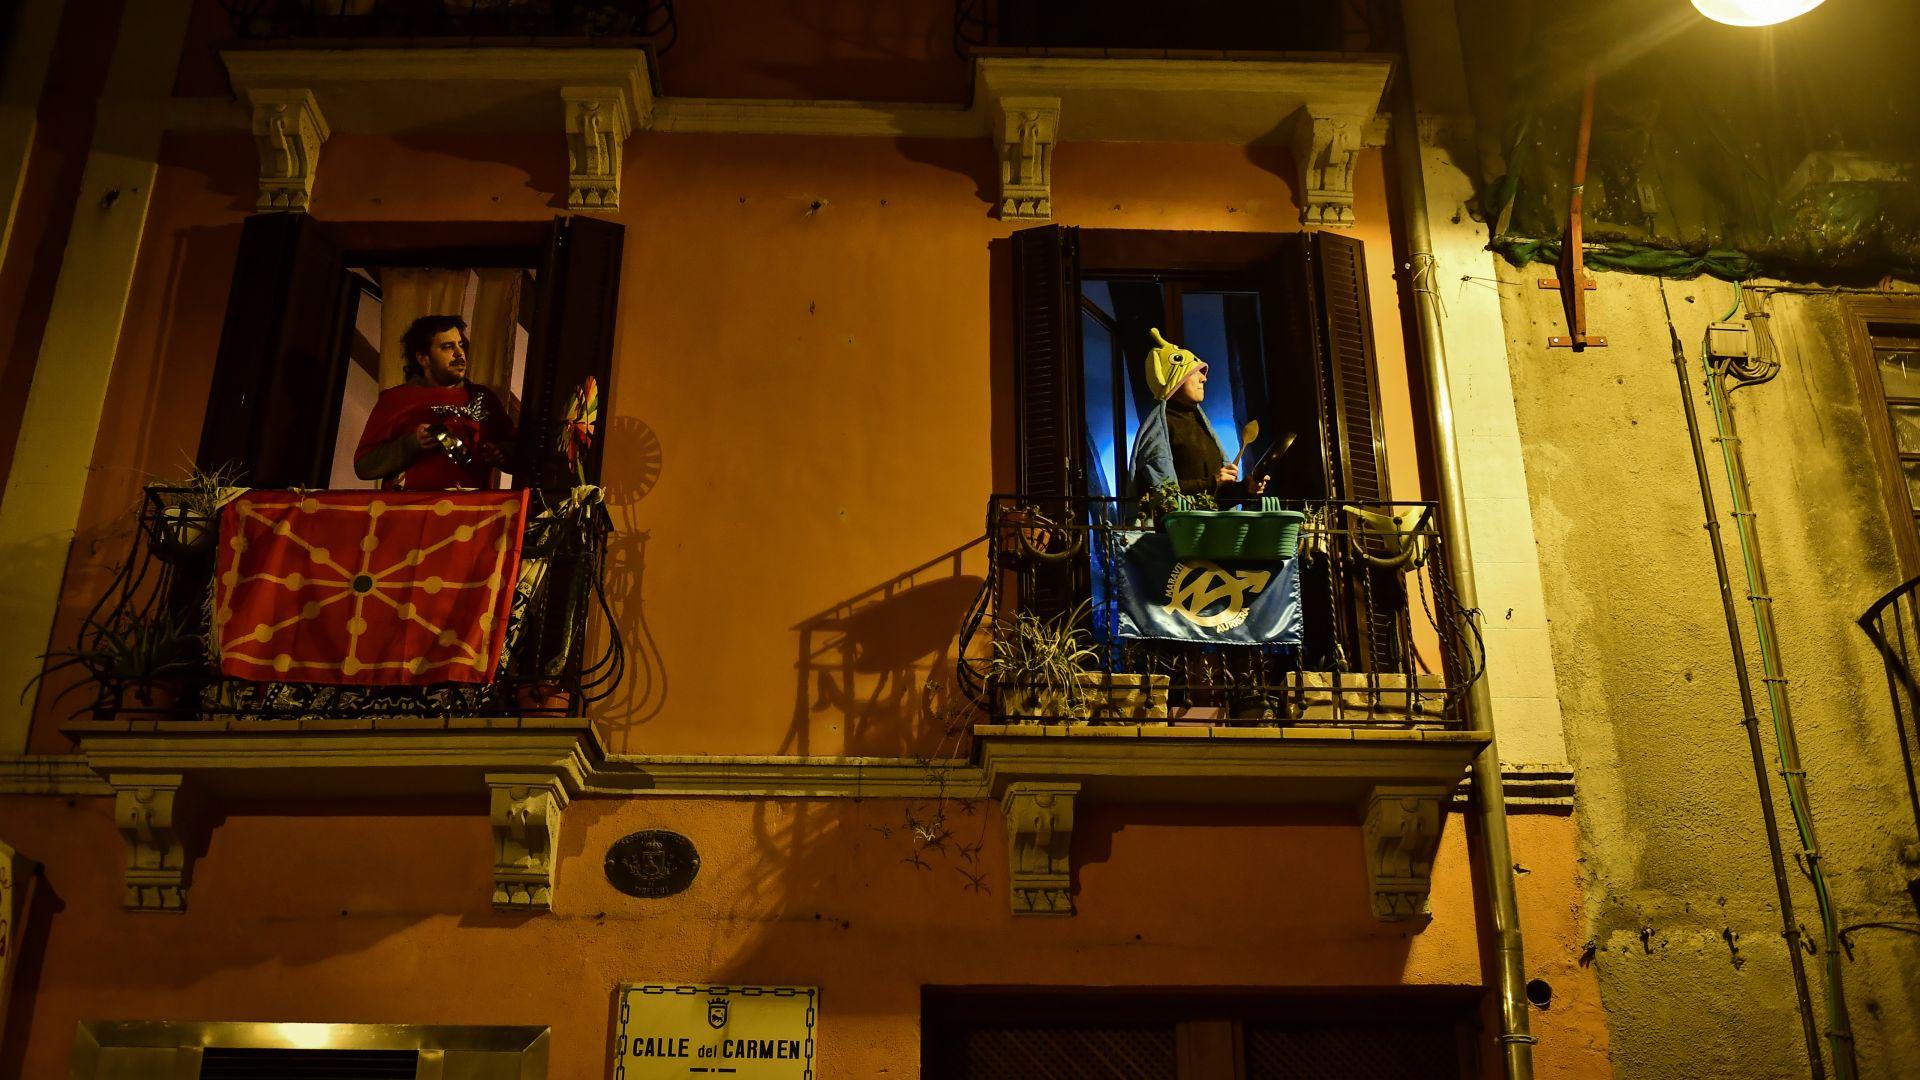 Испанци под карантина дрънчат с тенджери на балконите, искат Хуан Карлос да върне милиони